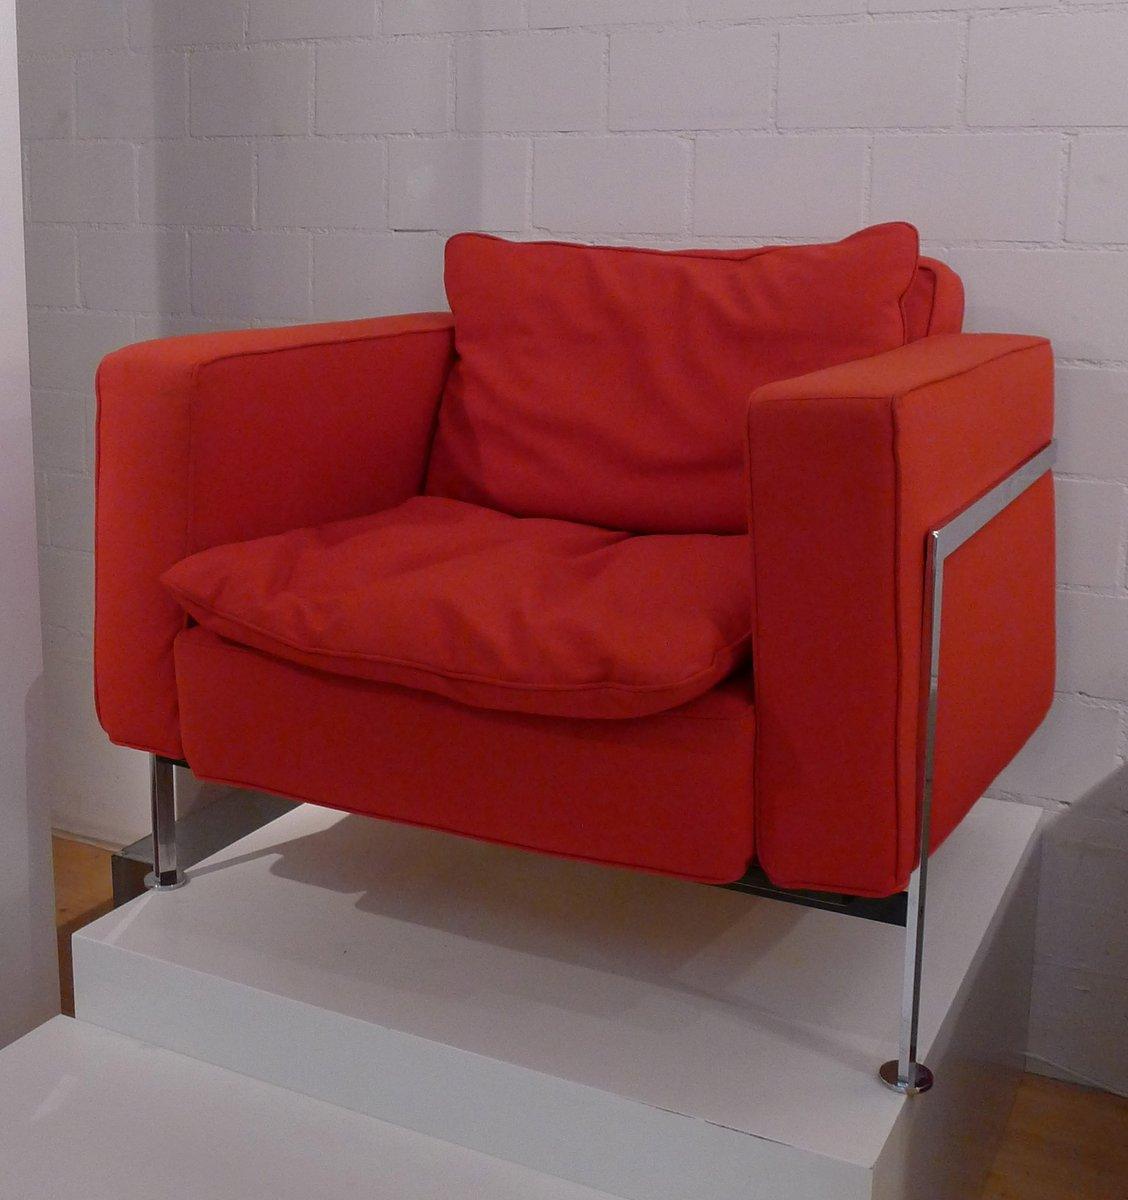 3 sitzer sofa mit sessel von trix robert haussmann 1960er bei pamono kaufen. Black Bedroom Furniture Sets. Home Design Ideas